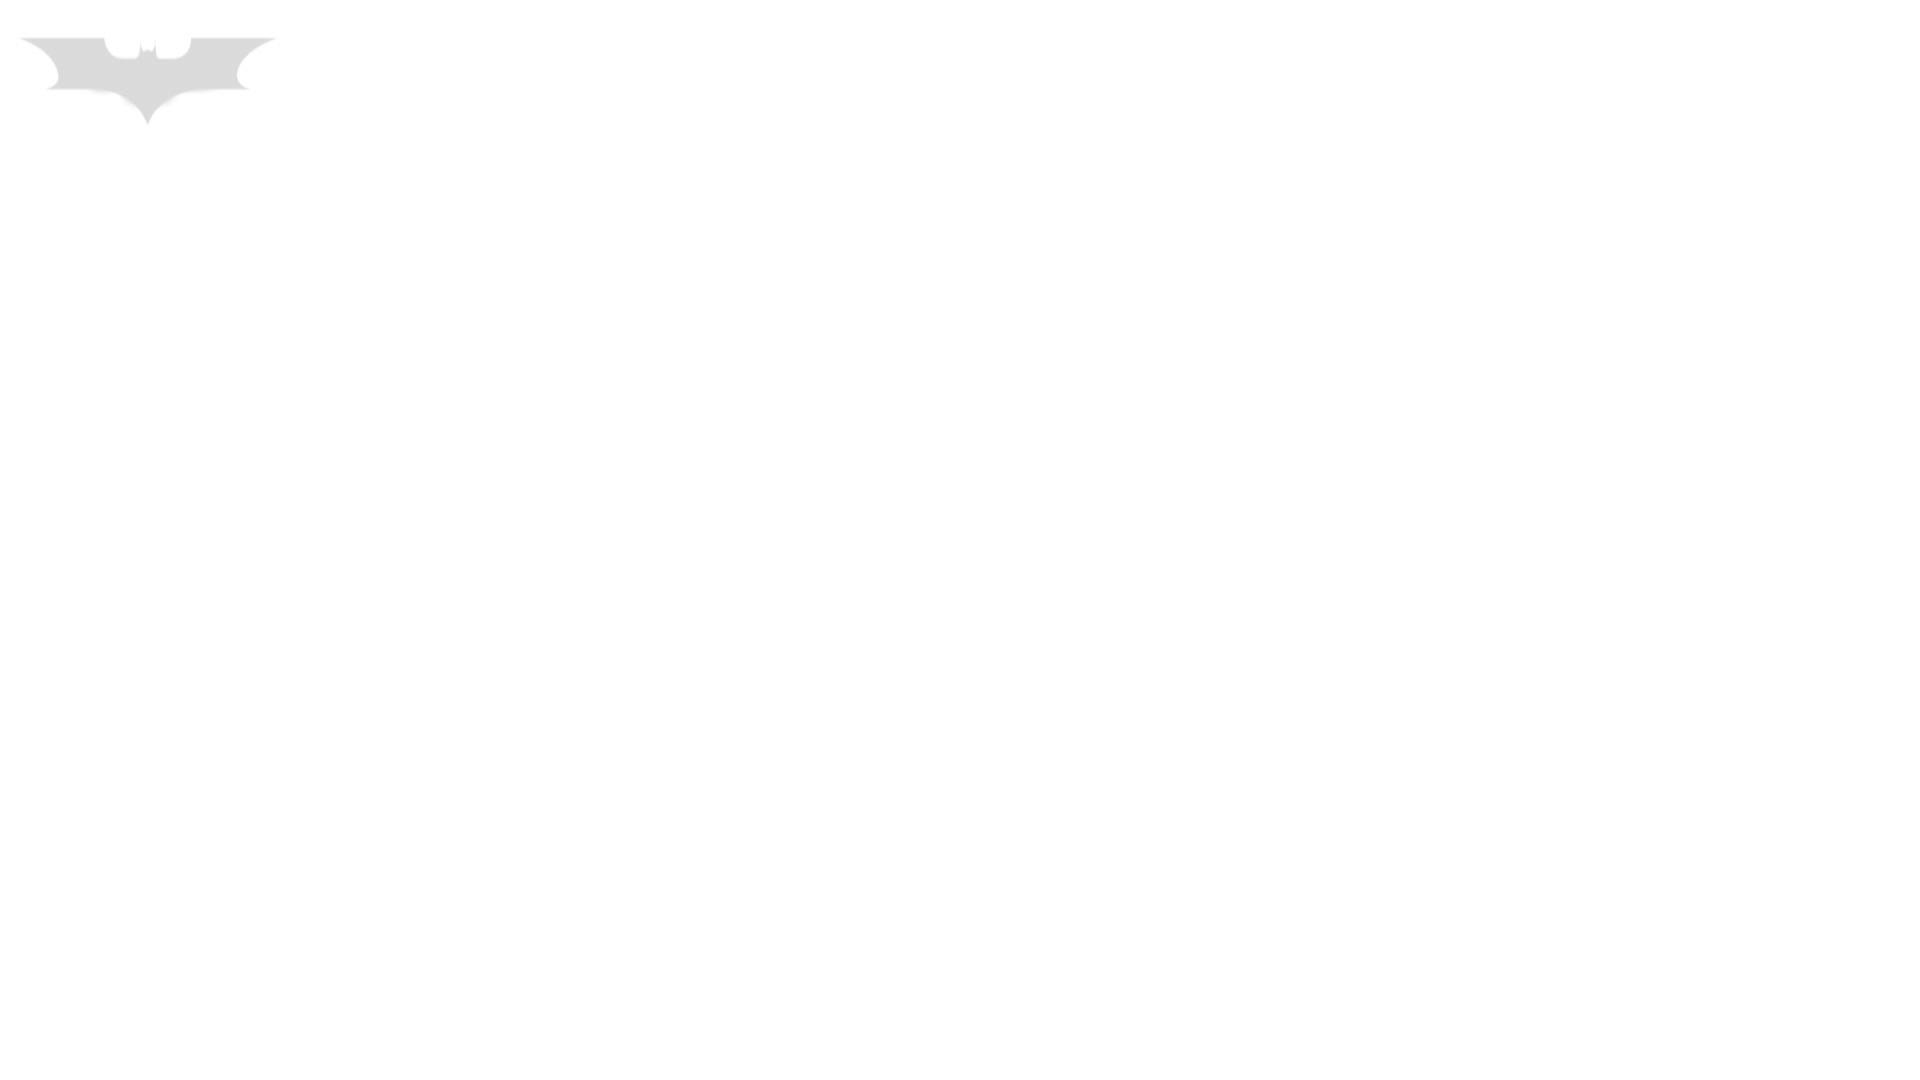 洗面所特攻隊 vol.74 last 2総勢16名激撮【2015・29位】 洗面所  85PIX 30